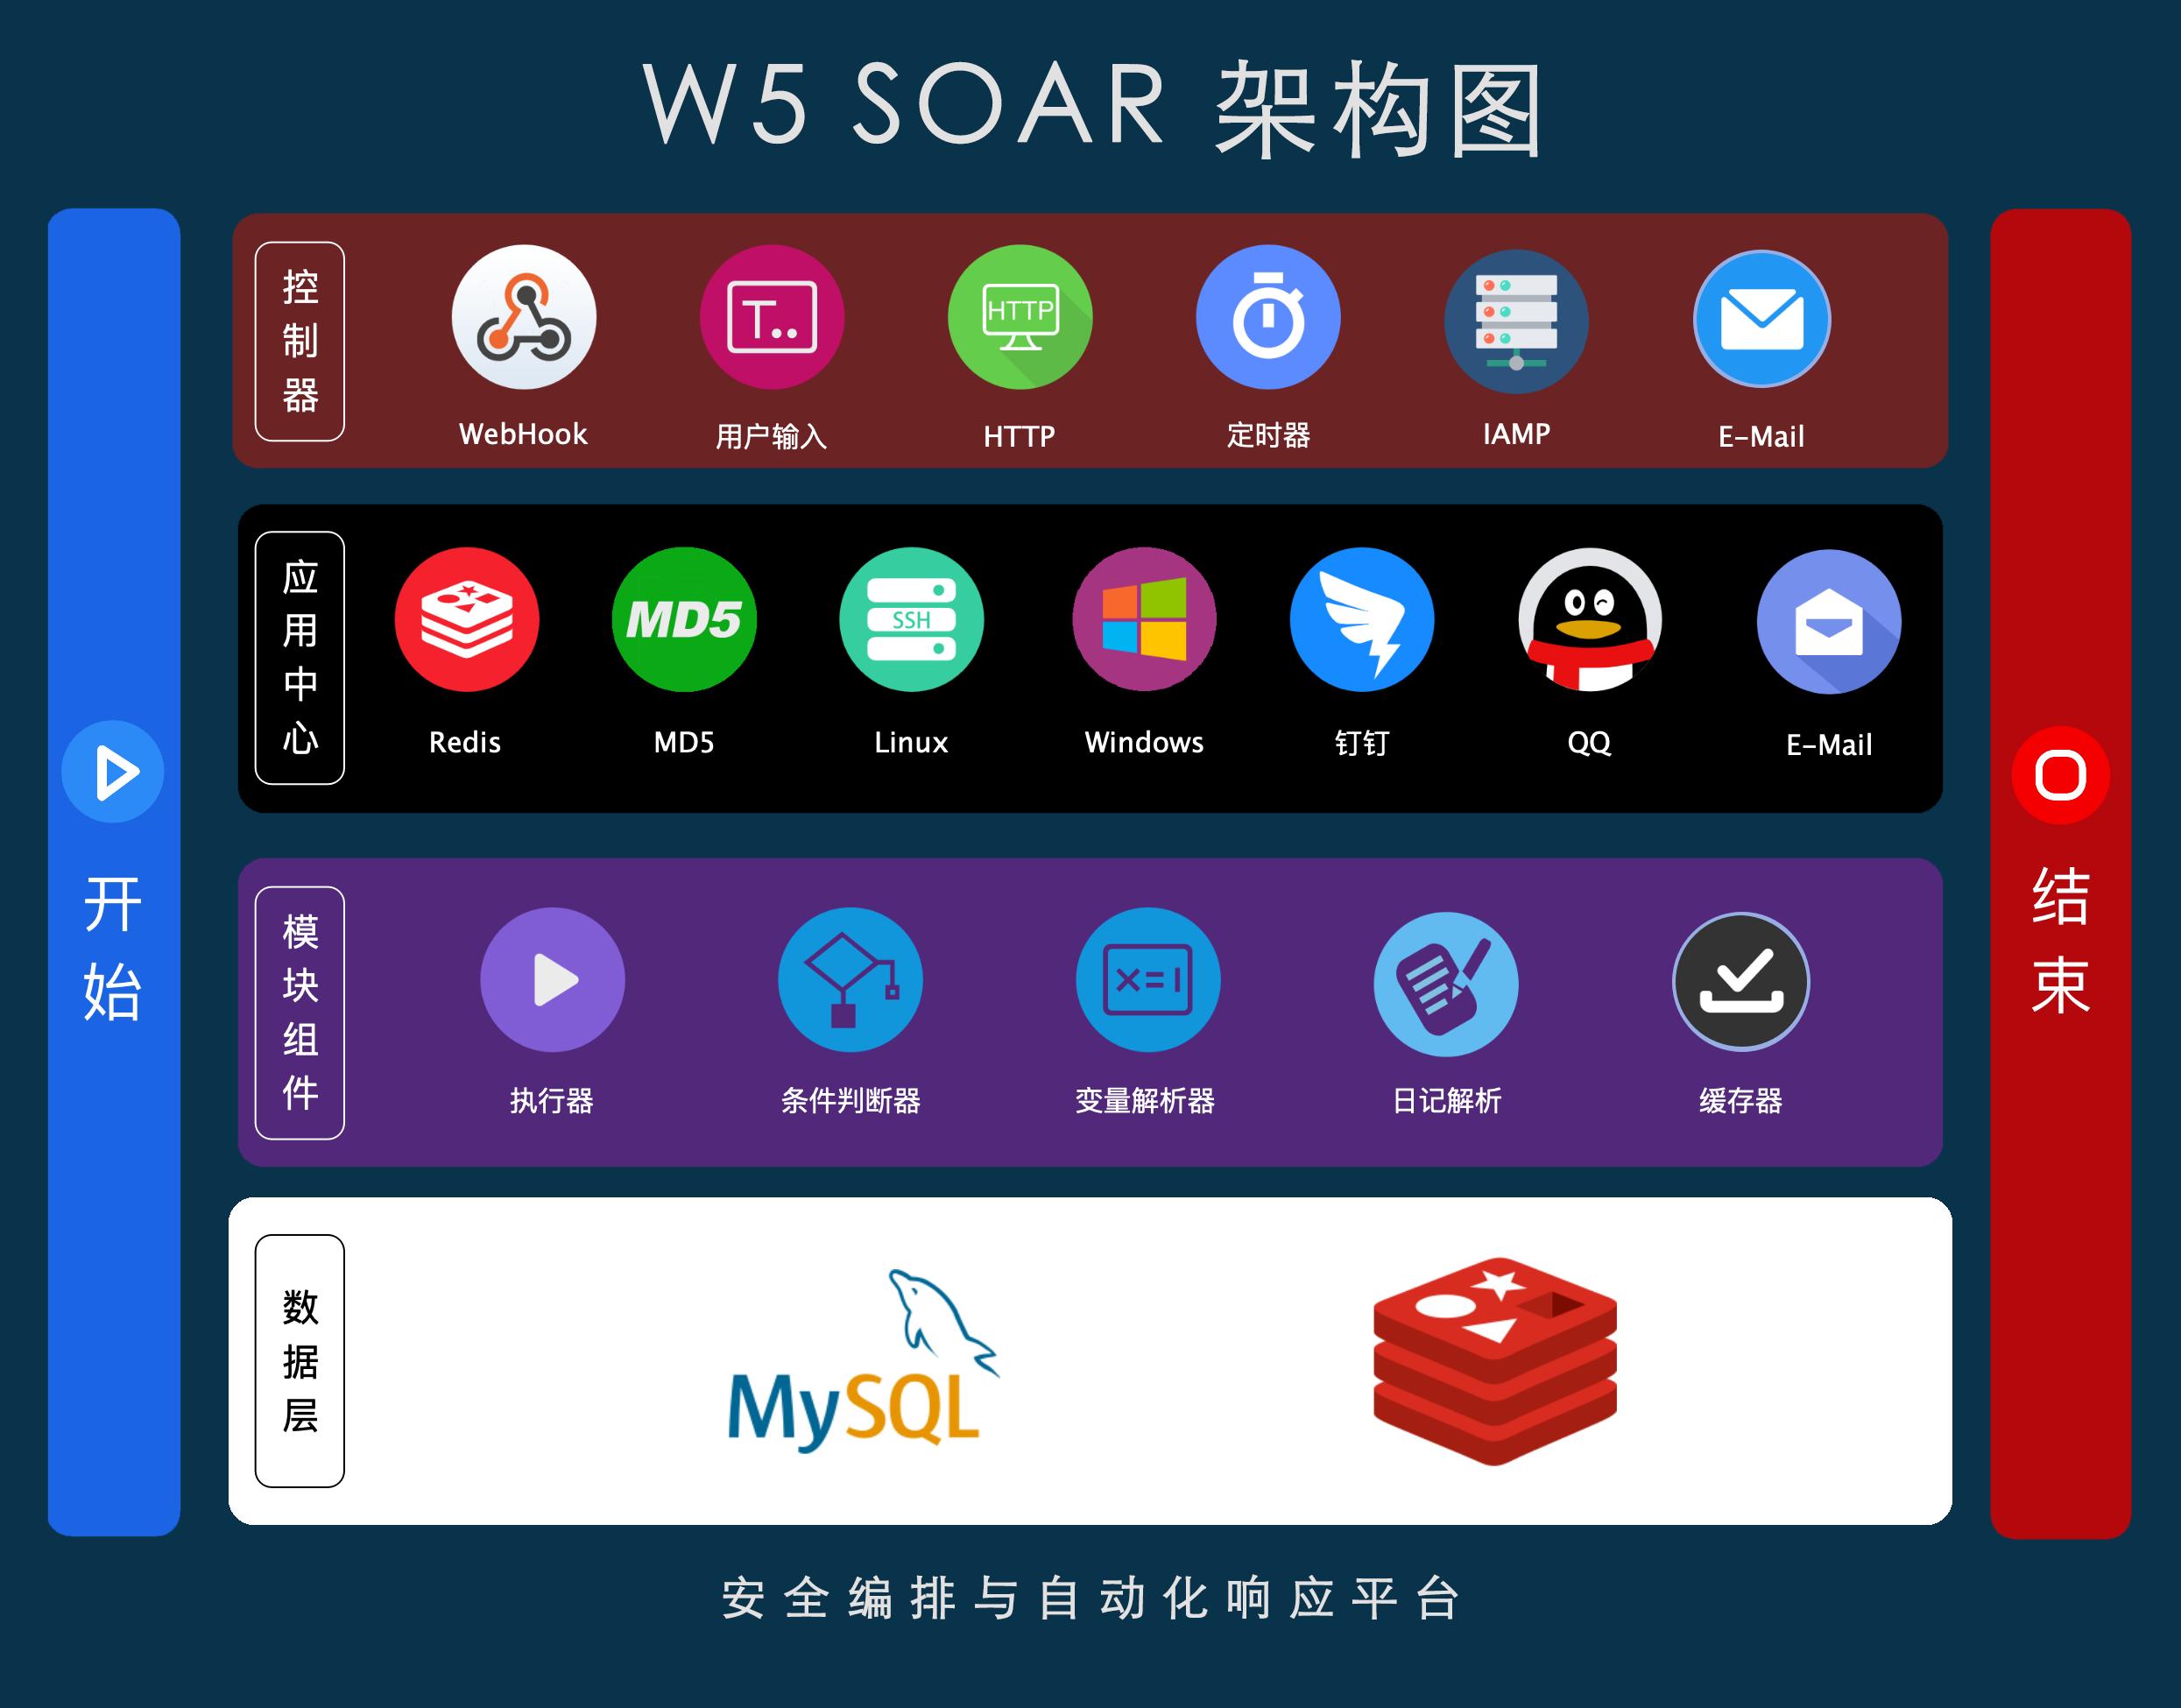 安全编排与自动化响应平台 W5 SOAR